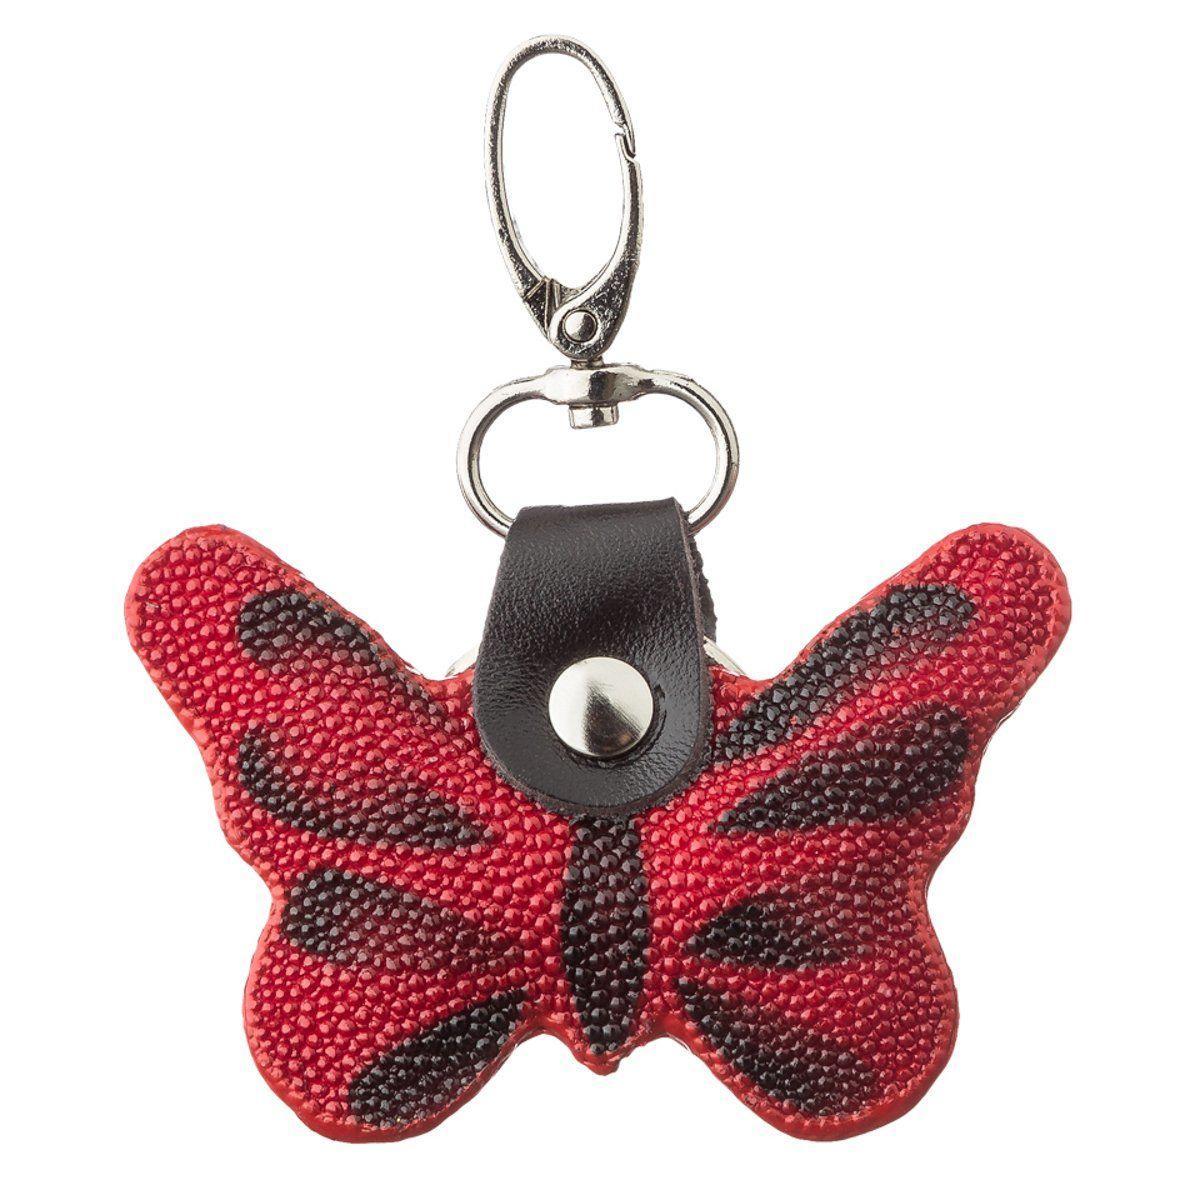 Брелок сувенир бабочка EkzoticLeather из натуральной кожи морского ската Красный (st 13)